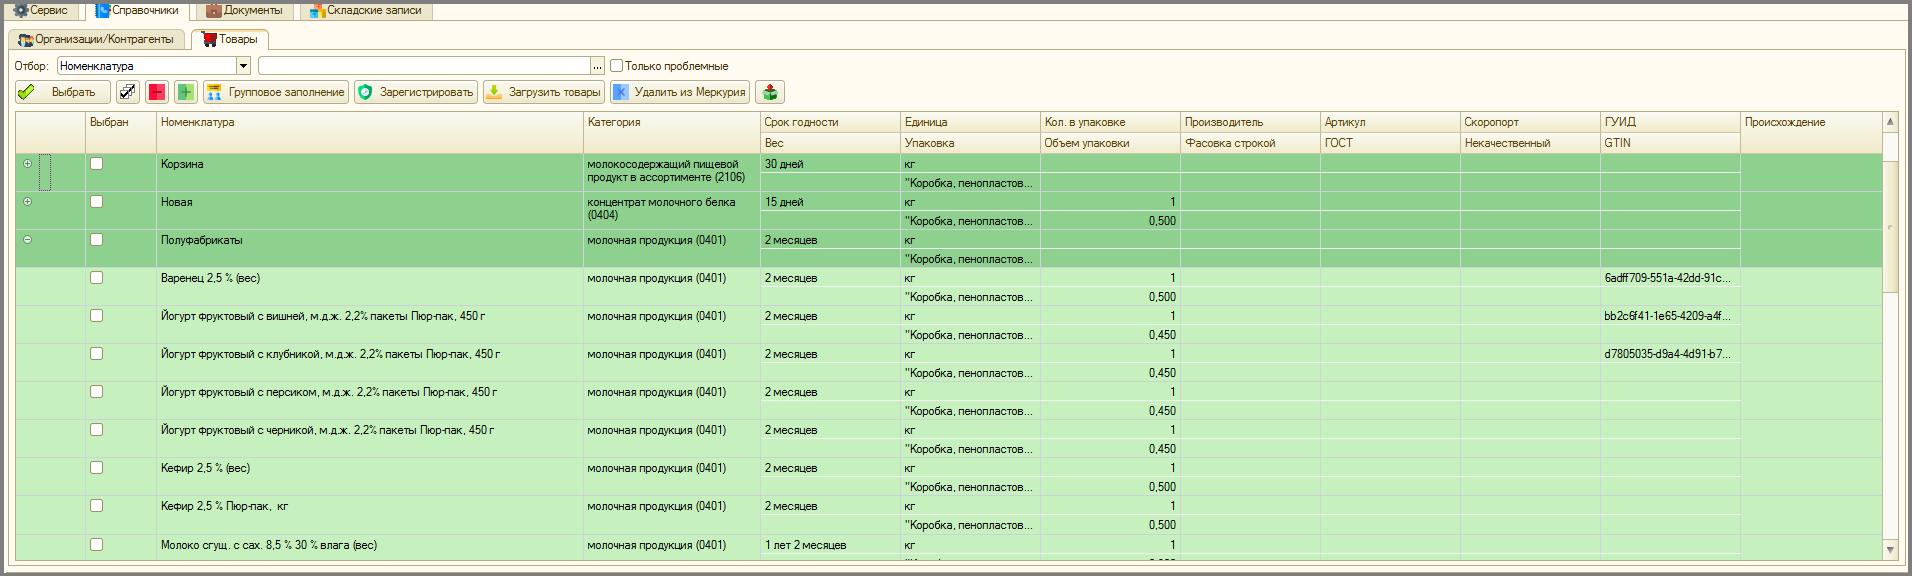 3. Пример раздела 'Справочники' в подразделе 'Товары' (для сопоставления номенклатуры и регистрации продукции производителями)